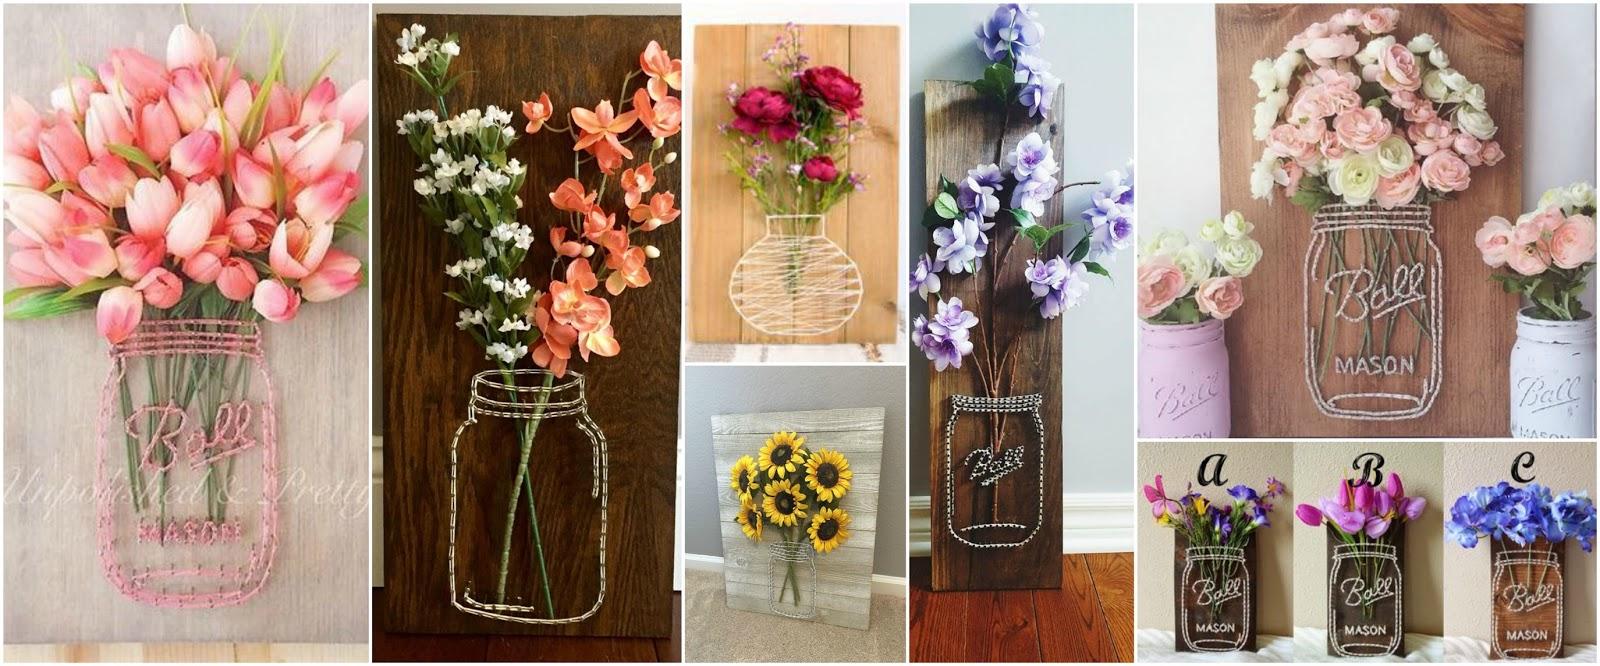 17 adornos bonitos para el hogar f ciles de hacer for Decoraciones sencillas para el hogar